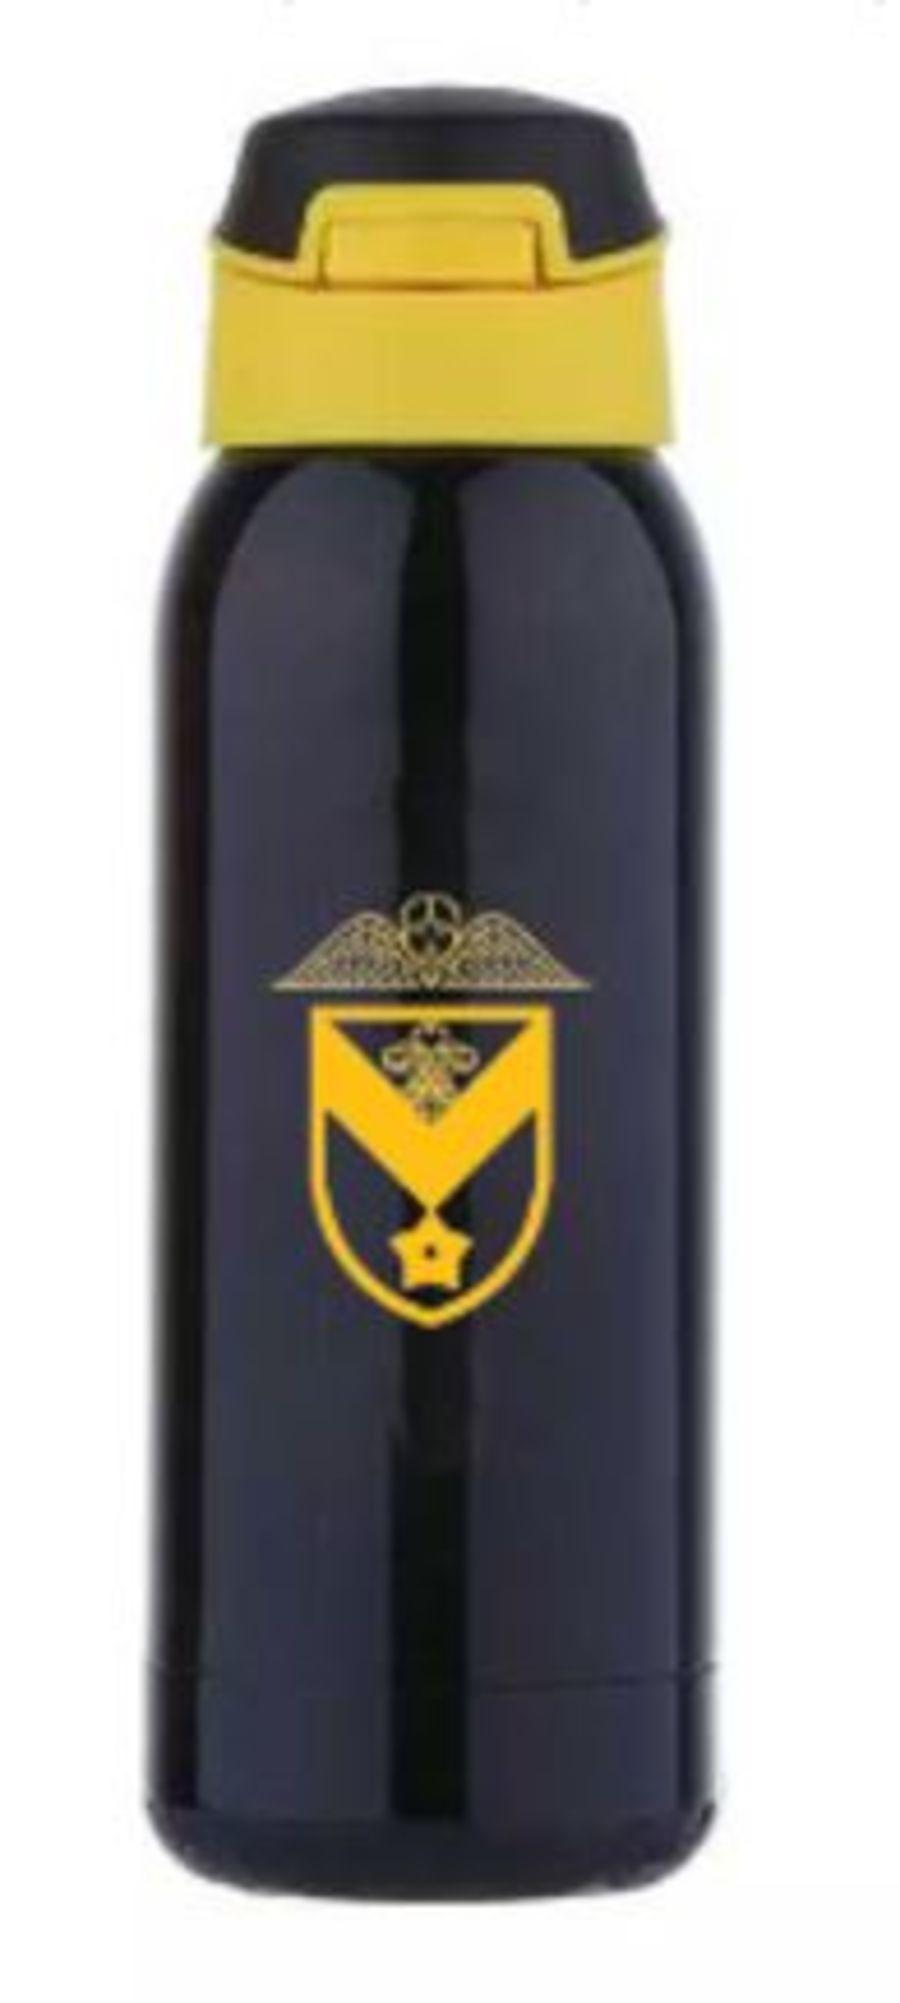 FoNR - Newport RFC Water Bottle